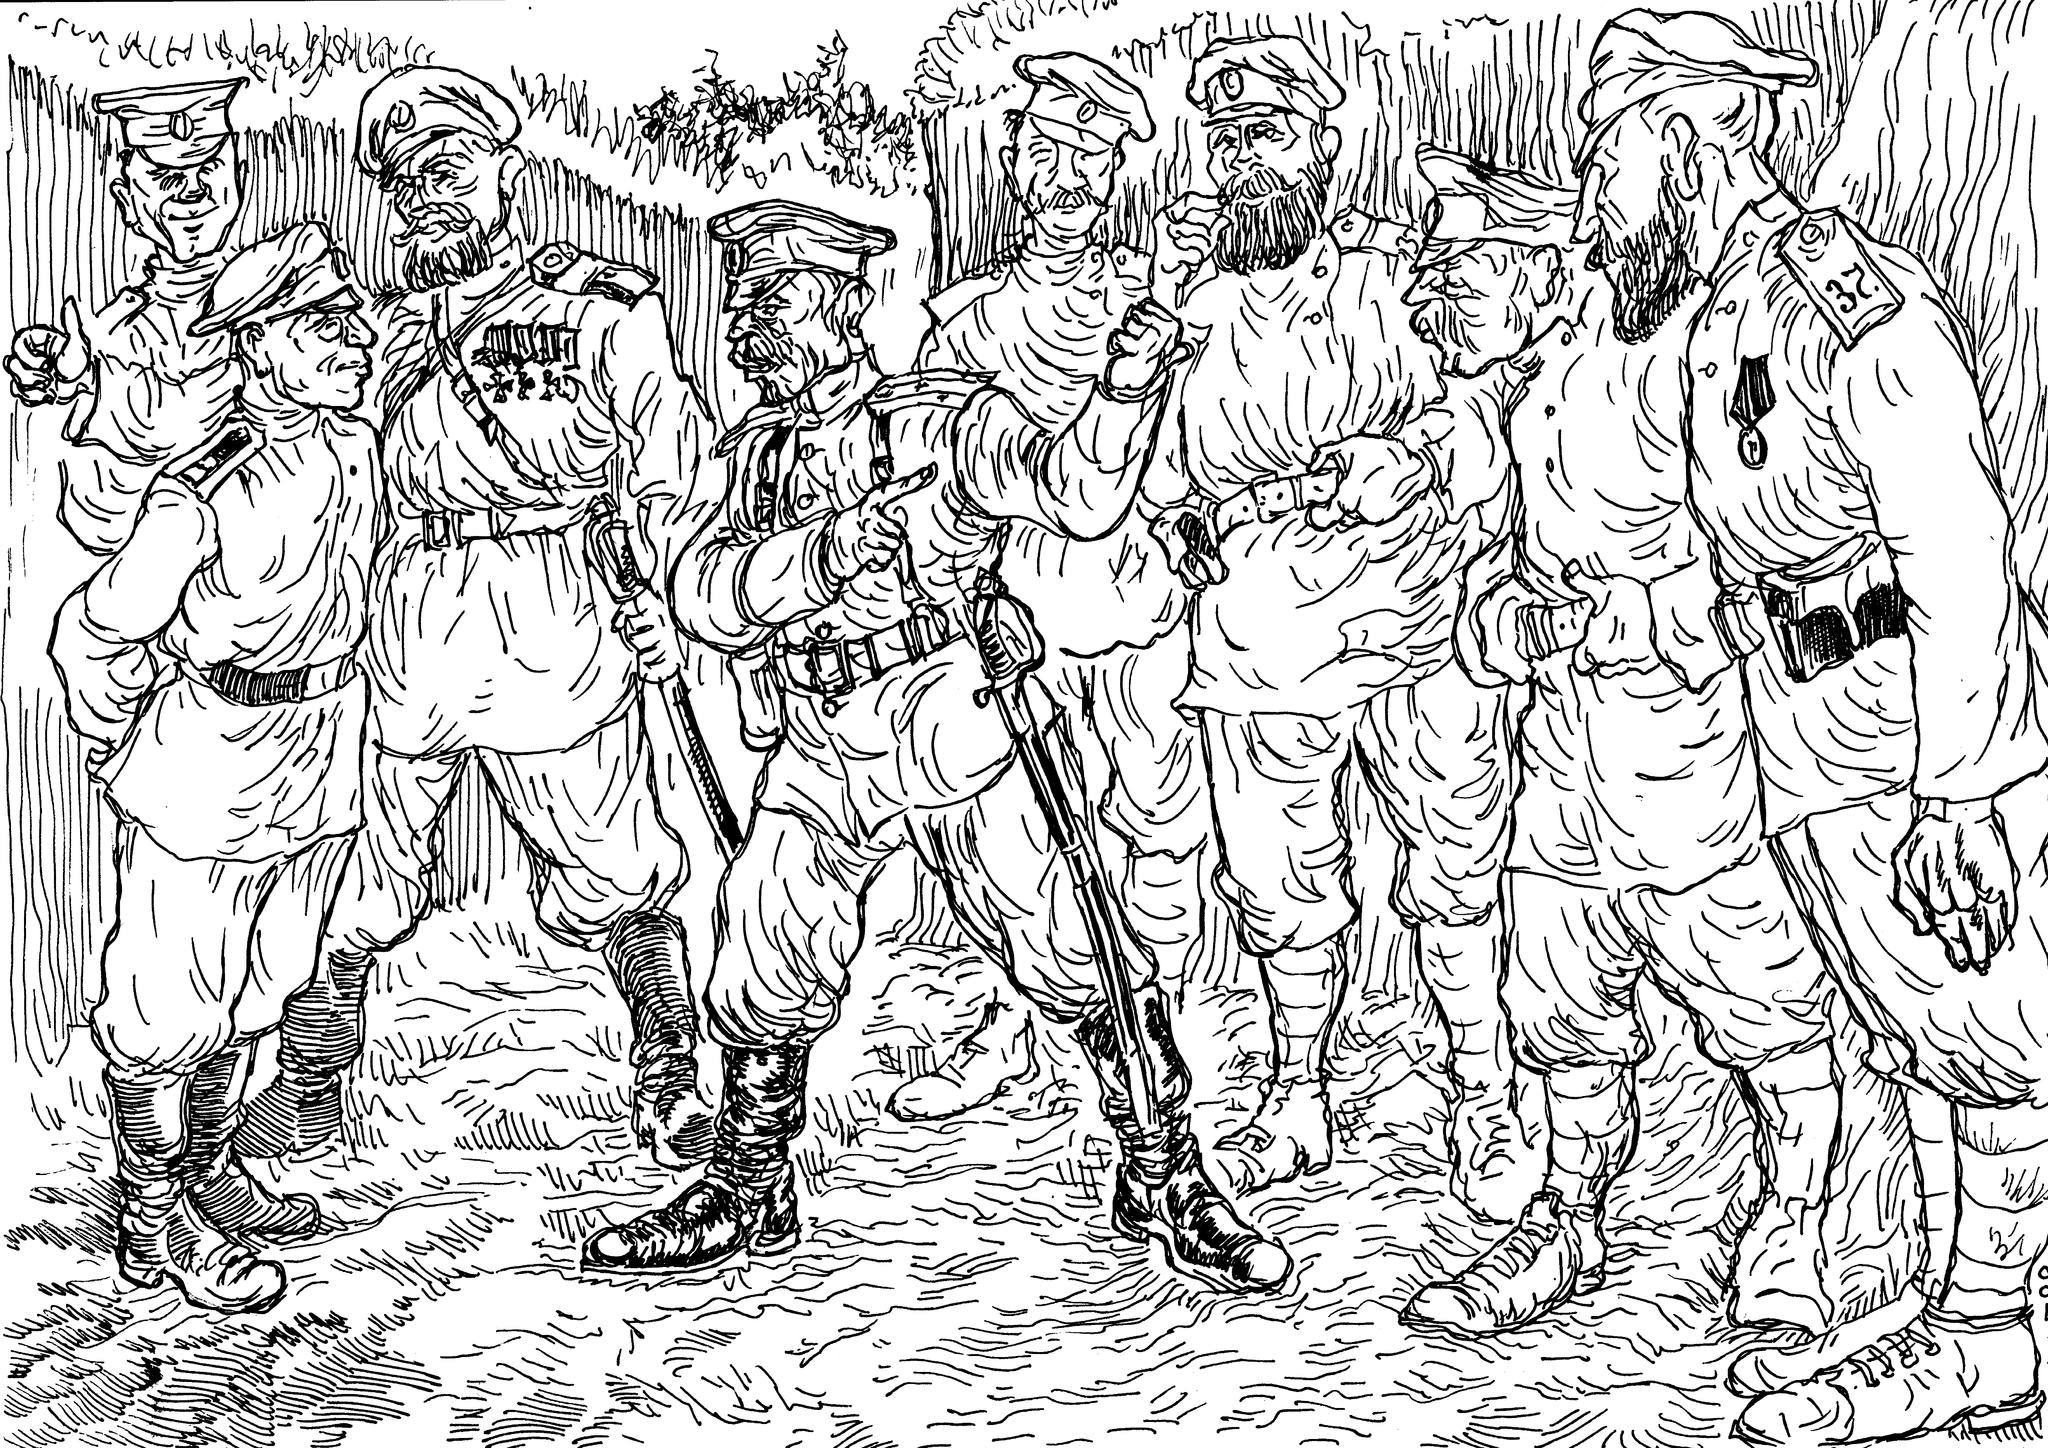 Комбат подполковник объяснил своим солдатам, что эти активисты-агитаторы  — кровопийцы, захребетники и враги